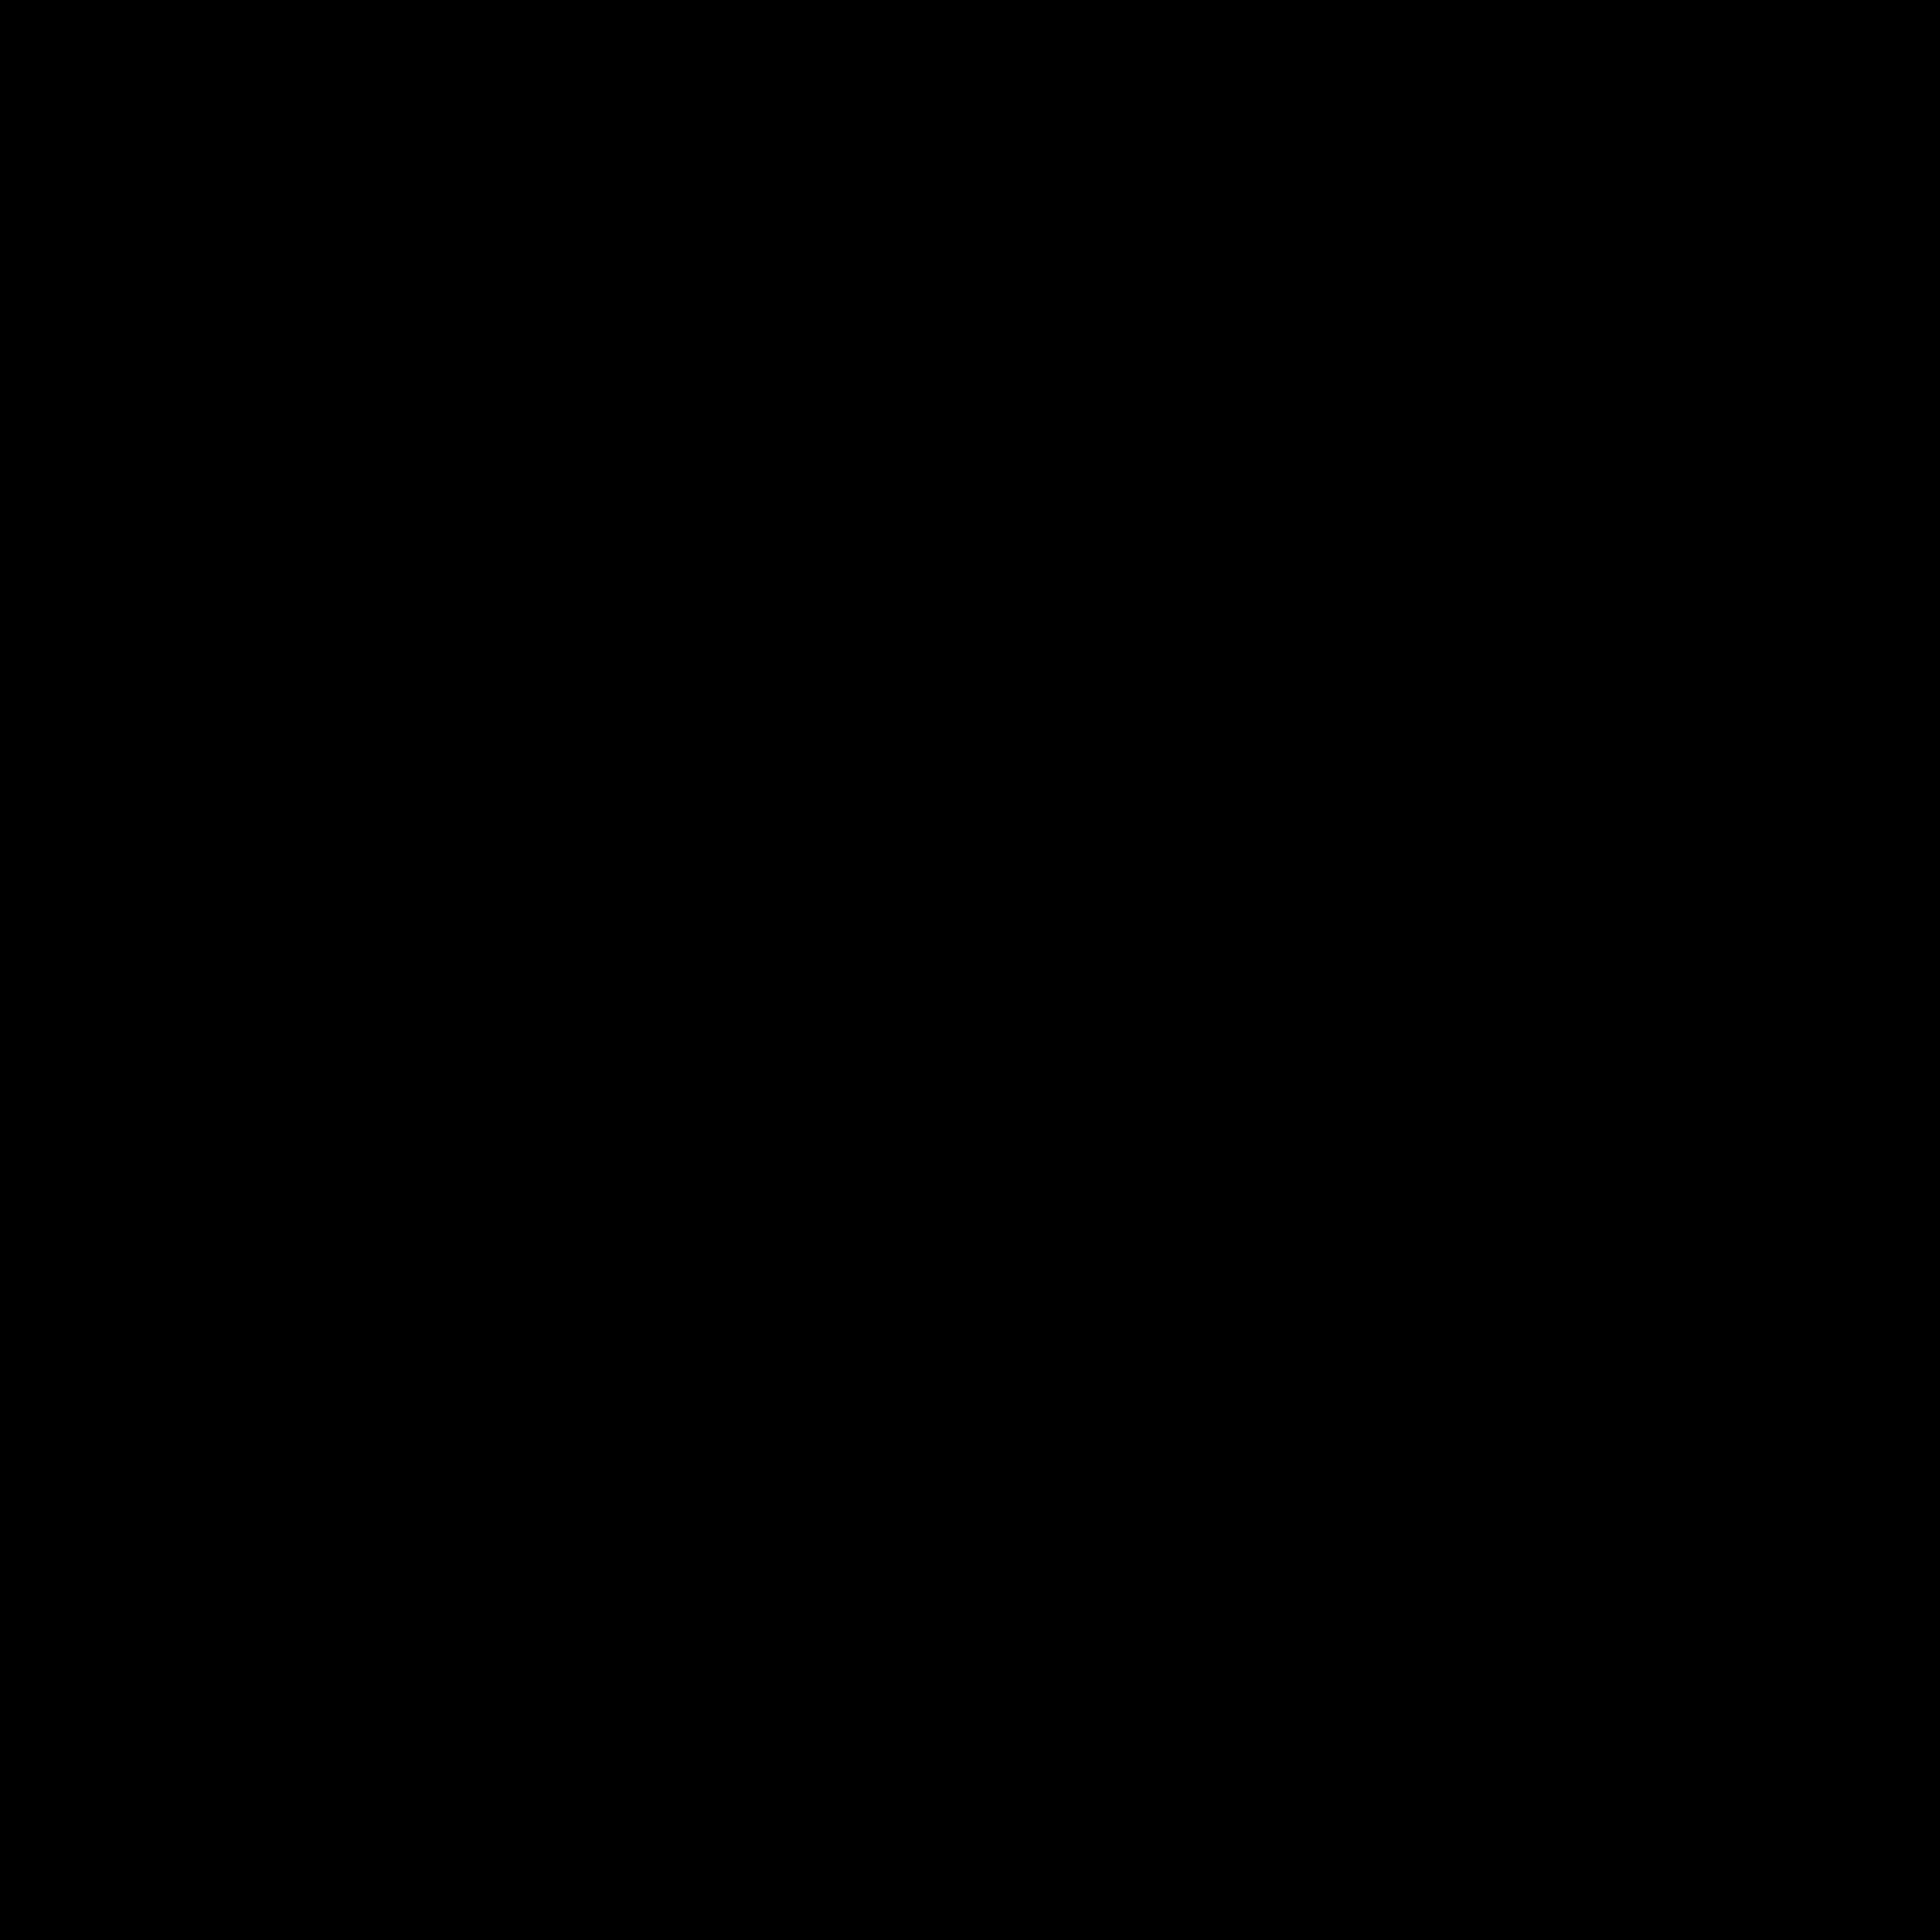 Gillette Sensorexcel Logo Png Transparent Svg Vector